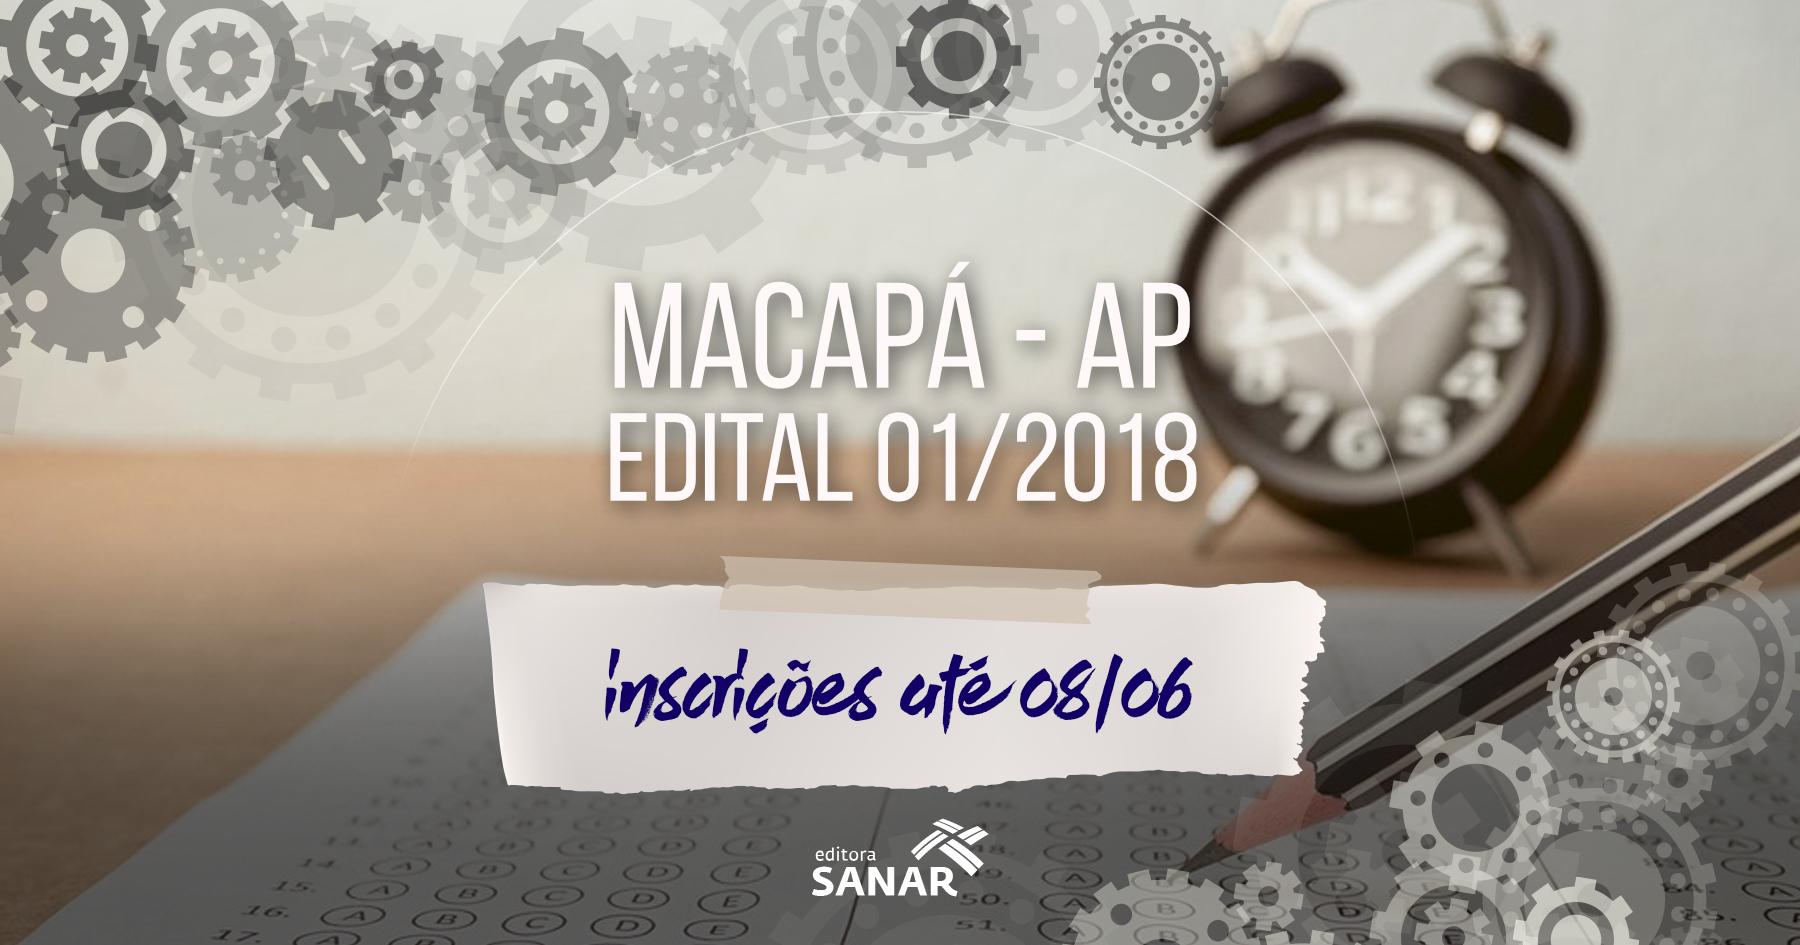 Concusos Macapá: conheça o Edital 01/2018